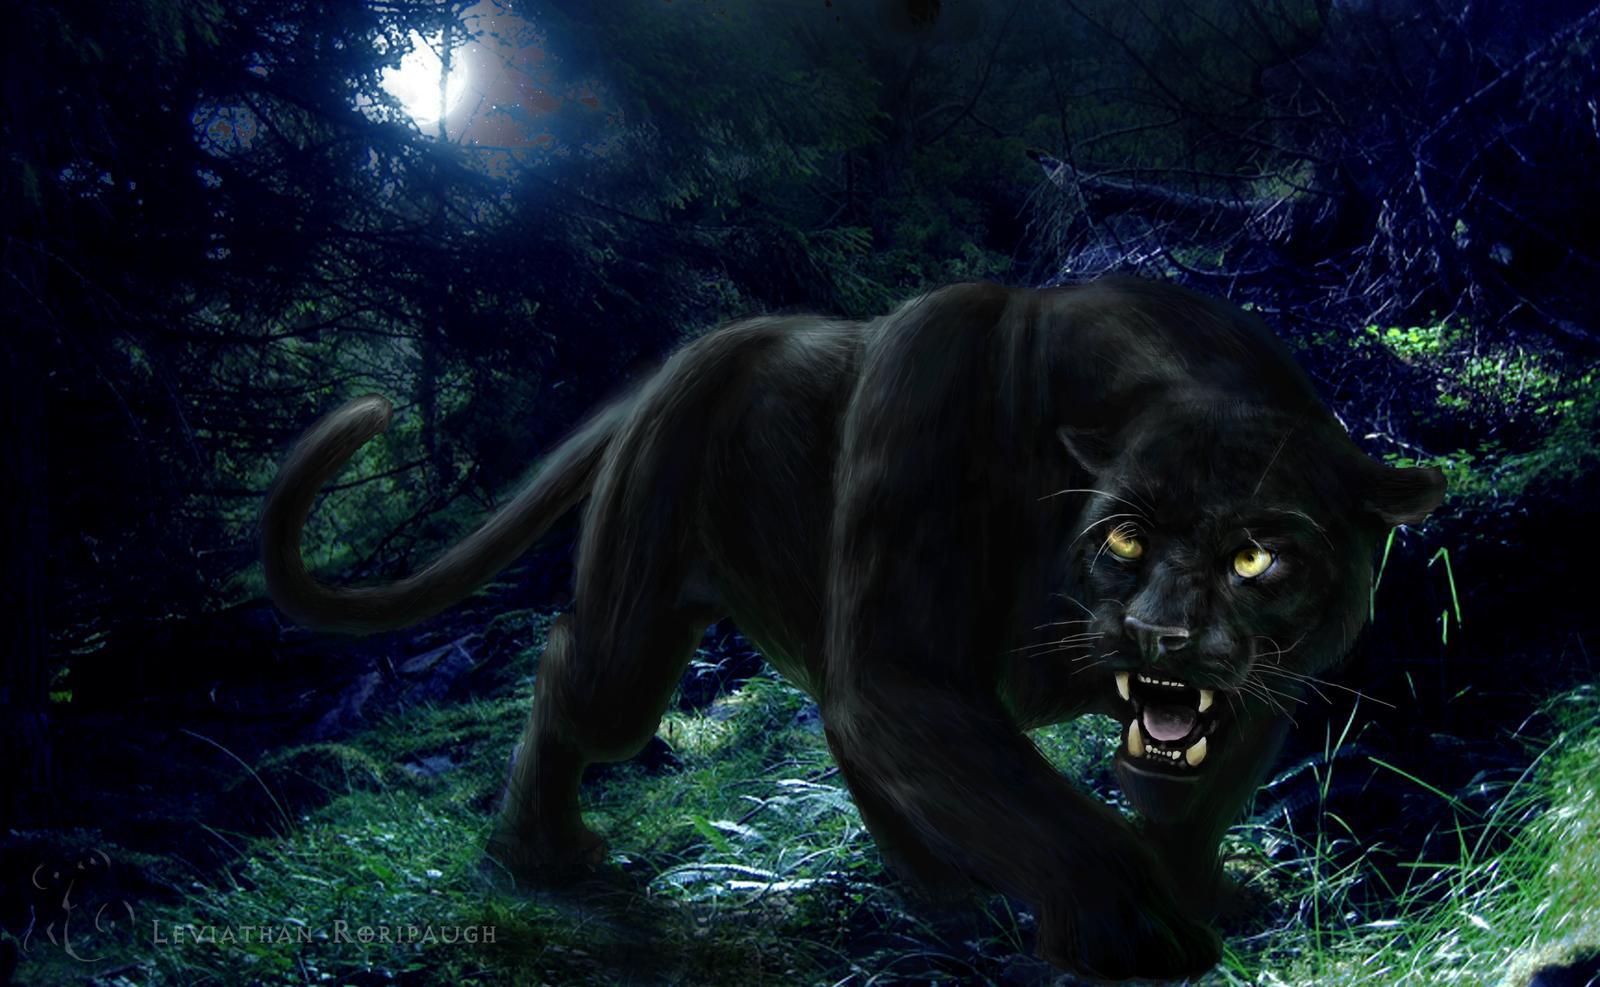 Black Panther HD Wallpapers black panther wild animal wild black 1600x987